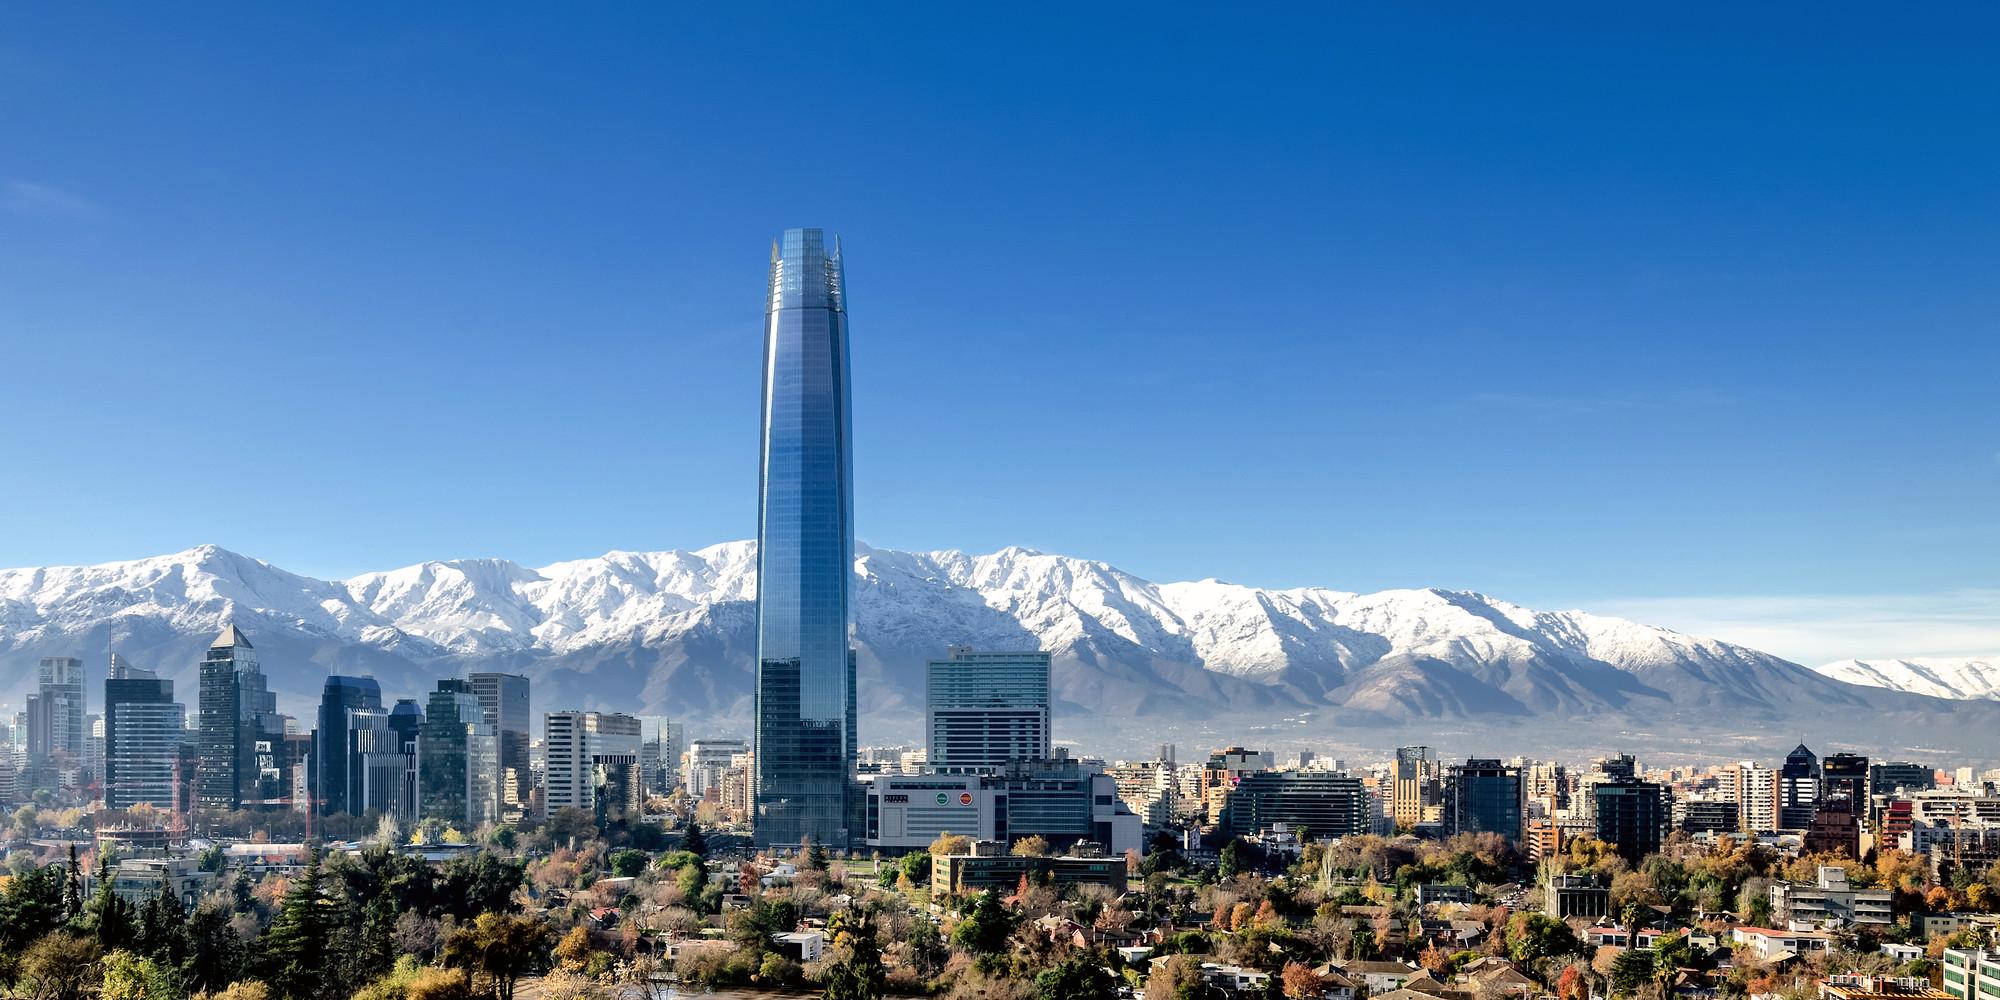 13 Edificios nuevos se unen al listado anual de los 100 edificios más altos del mundo, 2014 más alto #10: Torre Costanera, Santiago, 300m. Imágen © Pablo Blanco